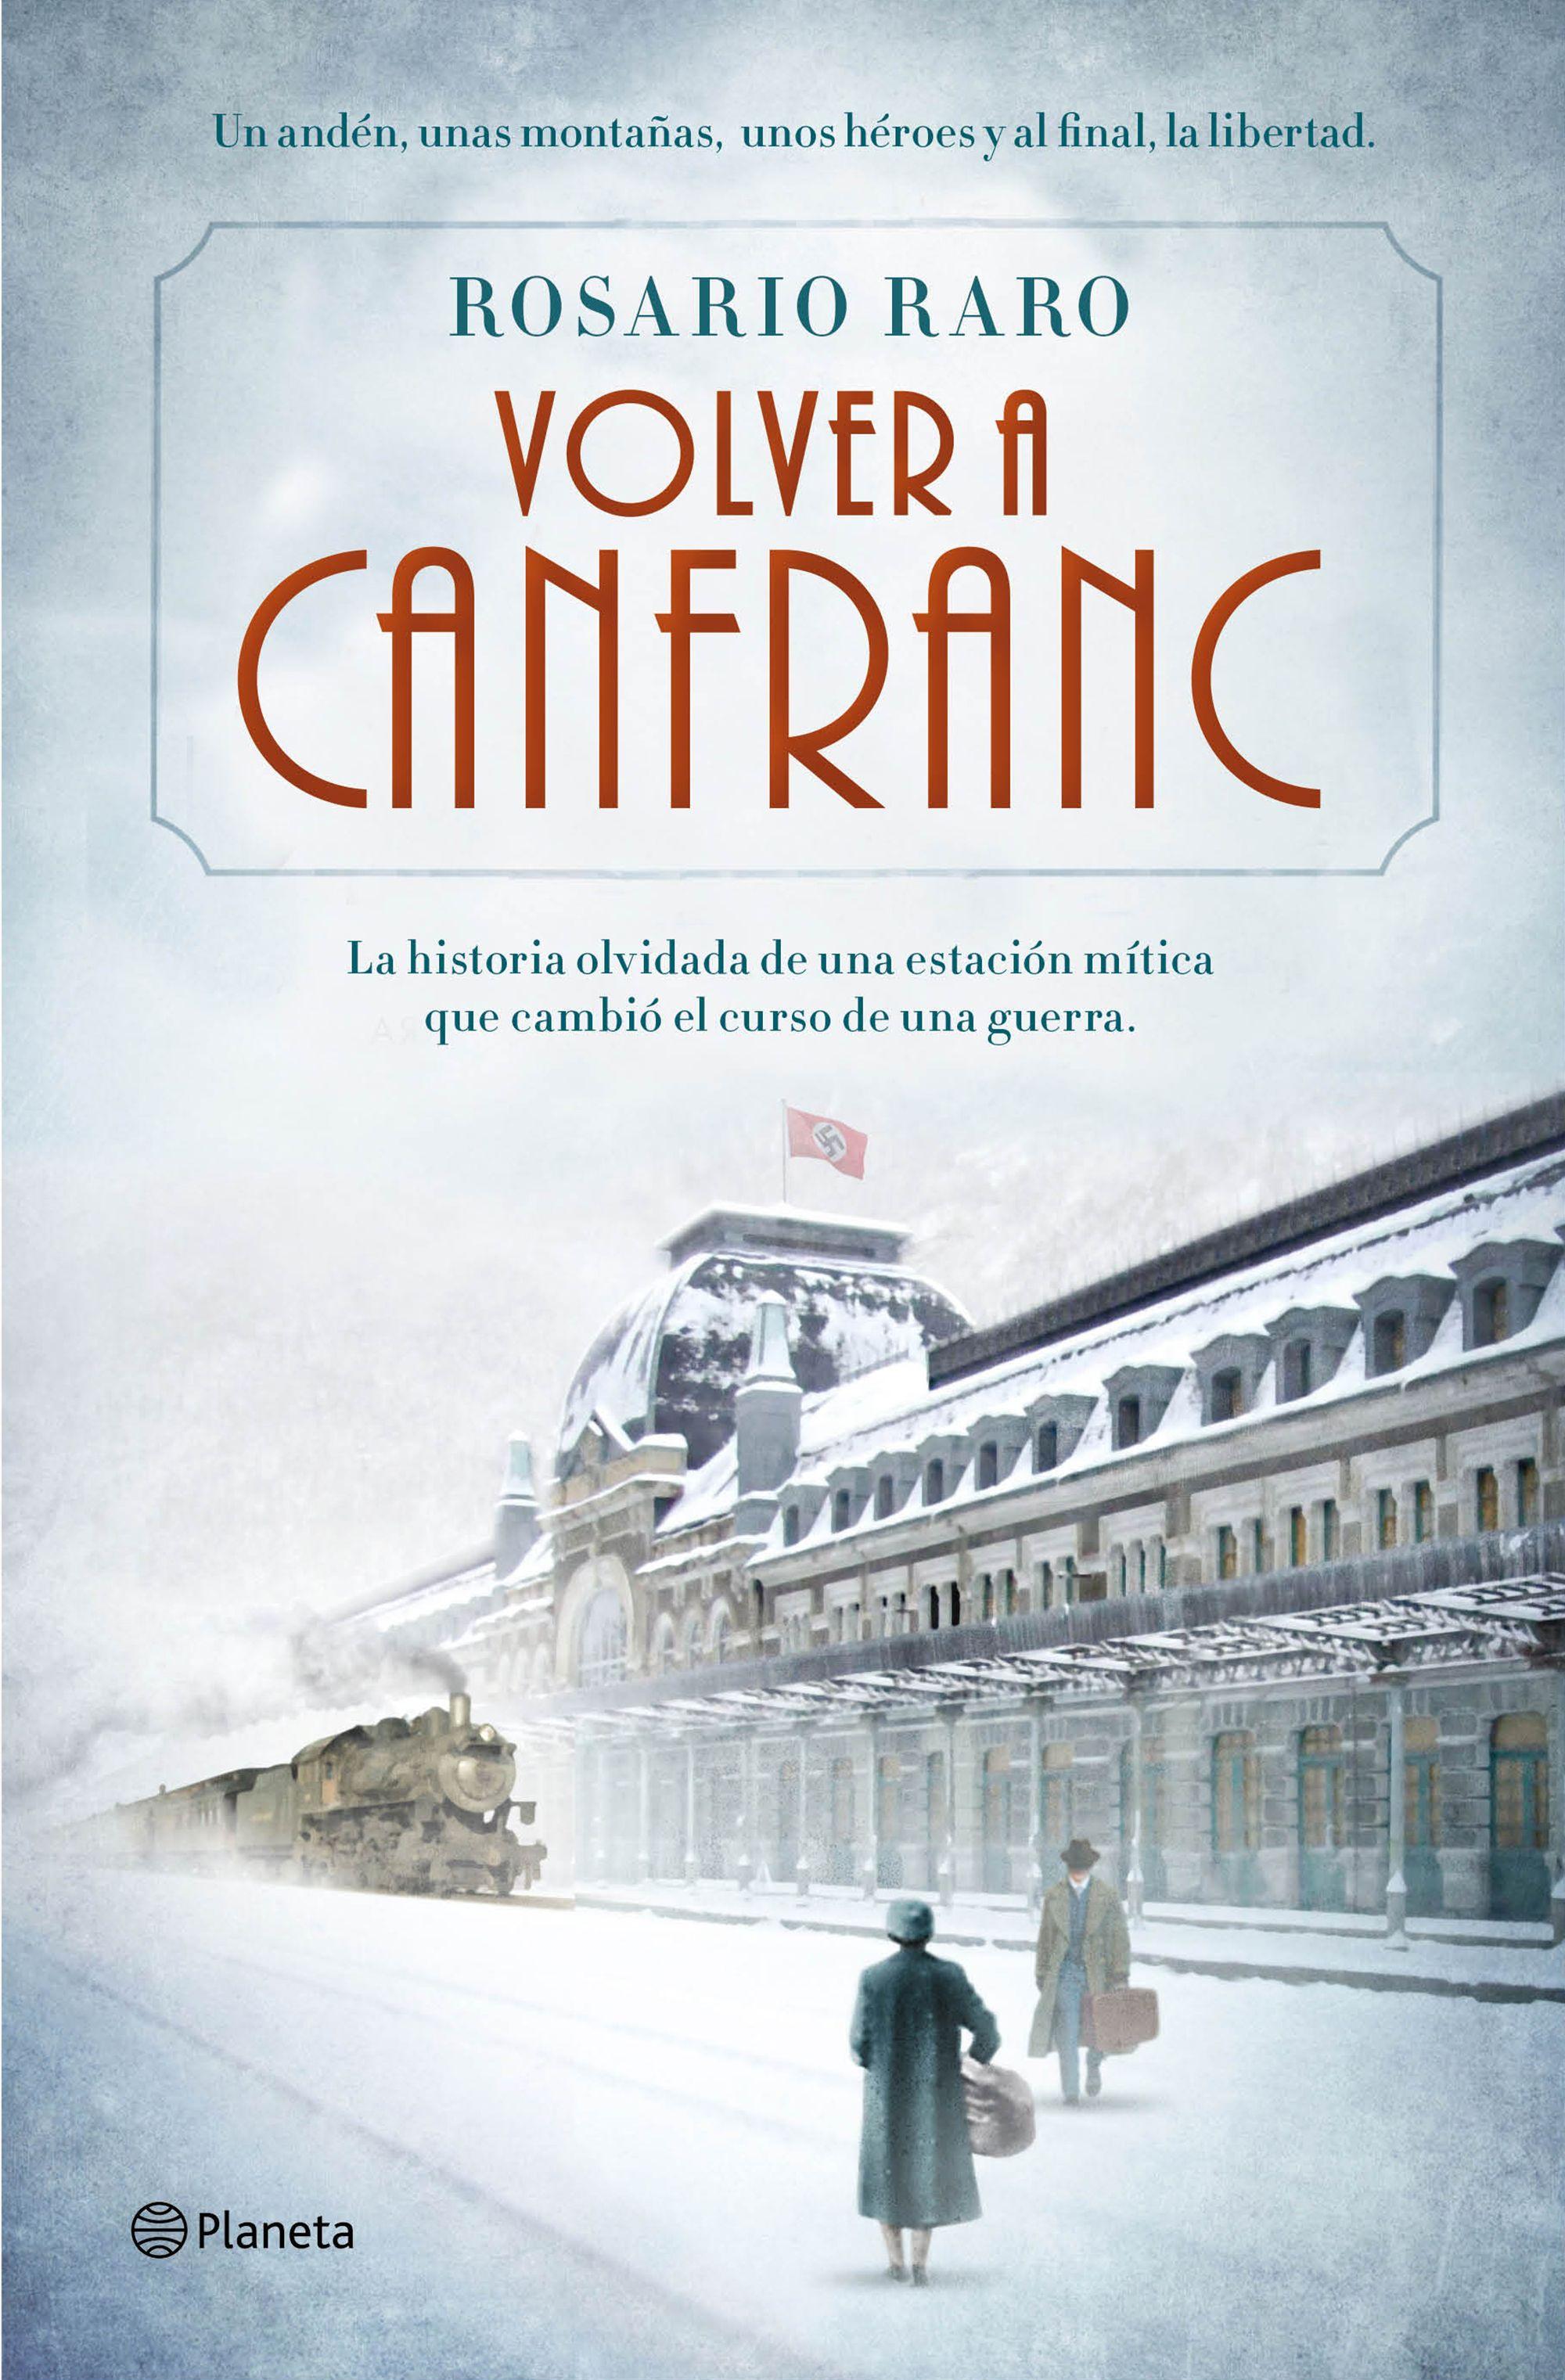 Rosario Raro sorprende con 'Volver a Canfranc', la historia de una estación que cambió el curso de una guerra